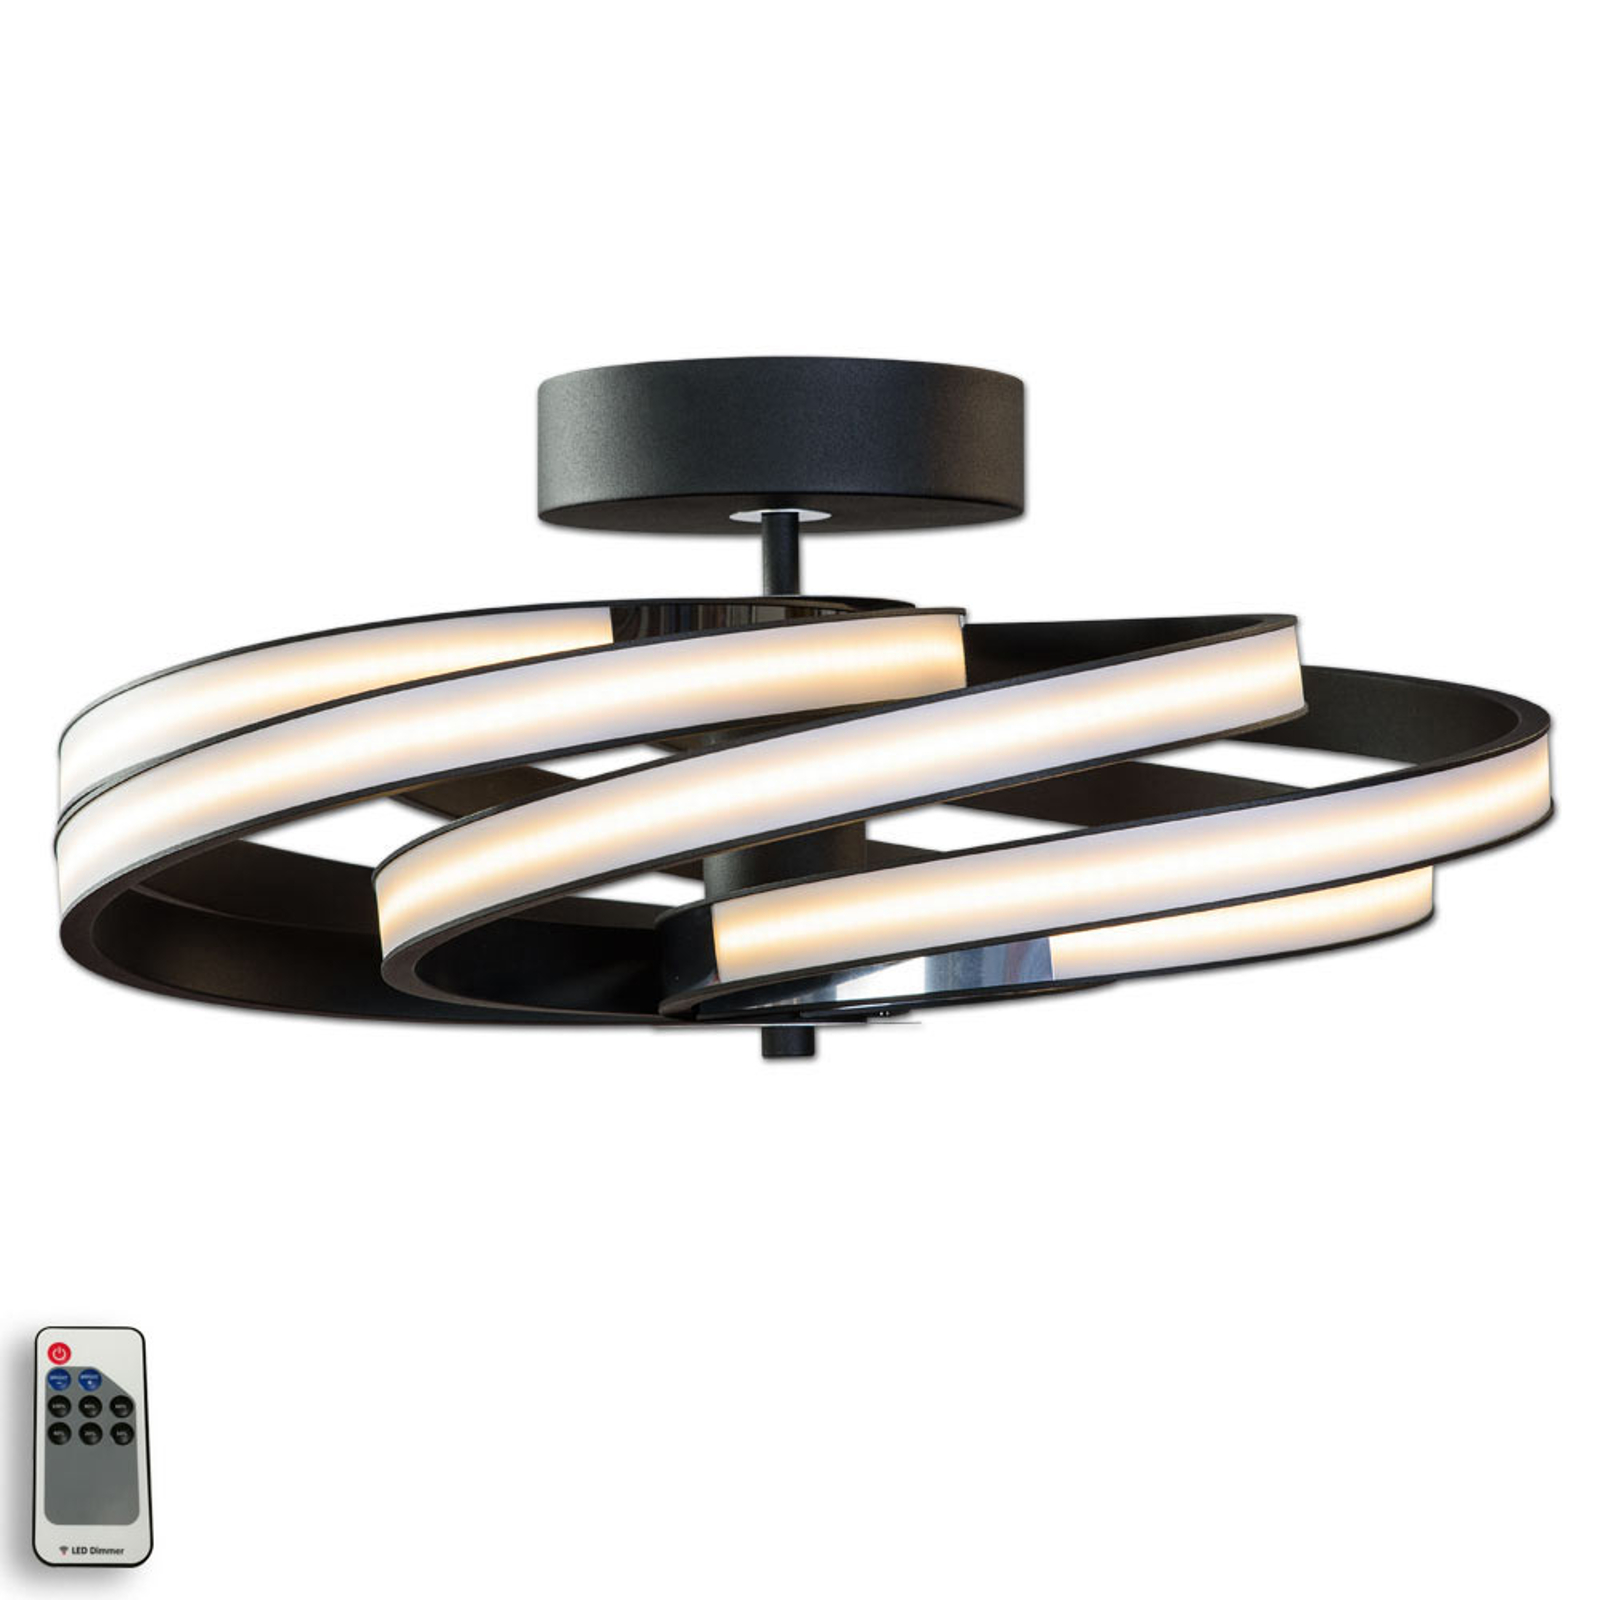 Zoya - moderni LED-kattolamppu, musta